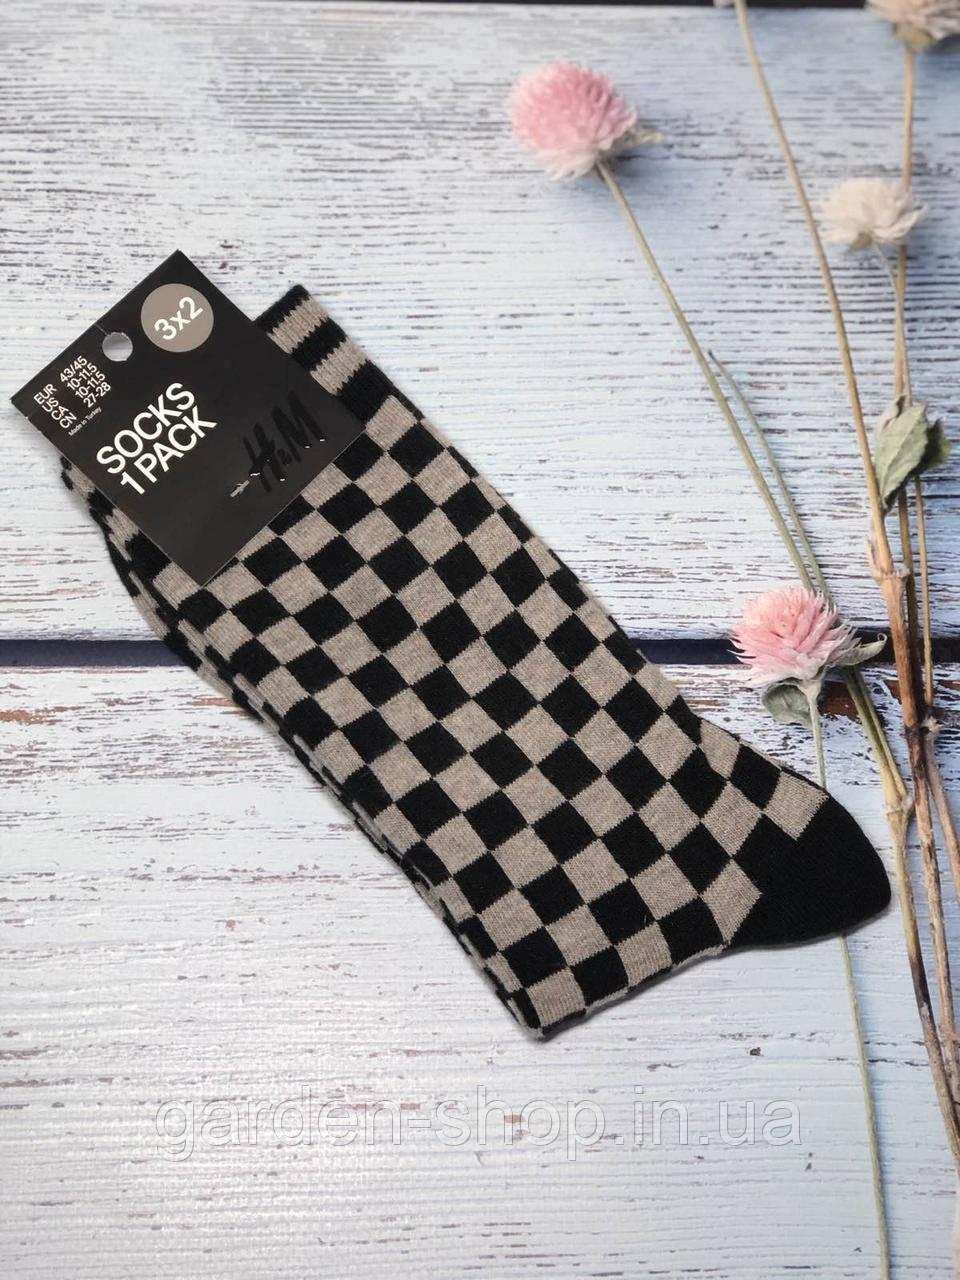 Шкарпетки чоловічі H&M із шахматним візерунком розмір 43-45 (високі)